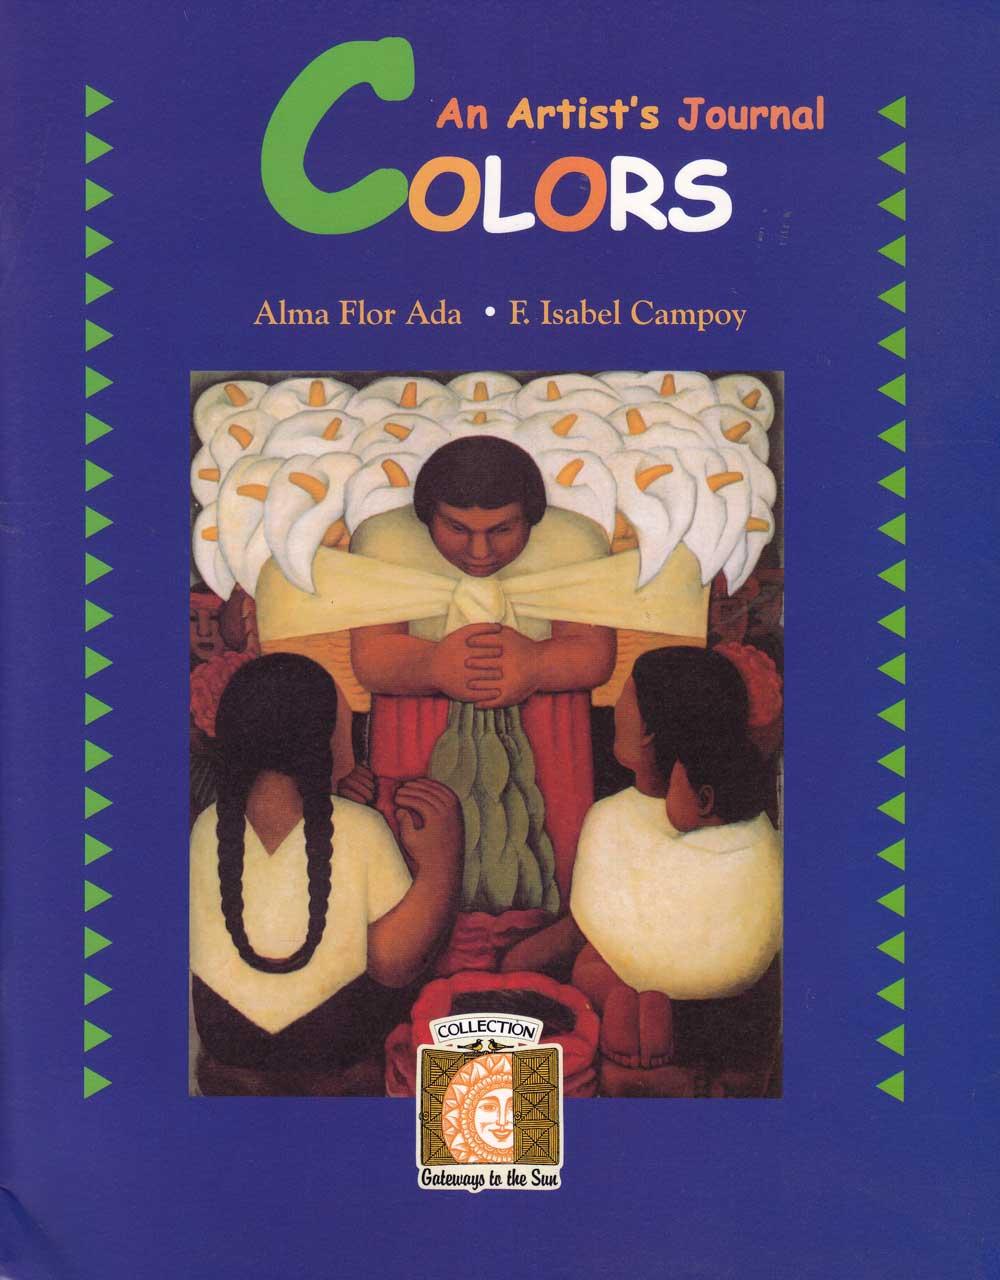 Puertas al sol Biografia Collection, Gateways to the Sun Biography Collection, Rey Del Sol, Del Sol Books, Del Sol University